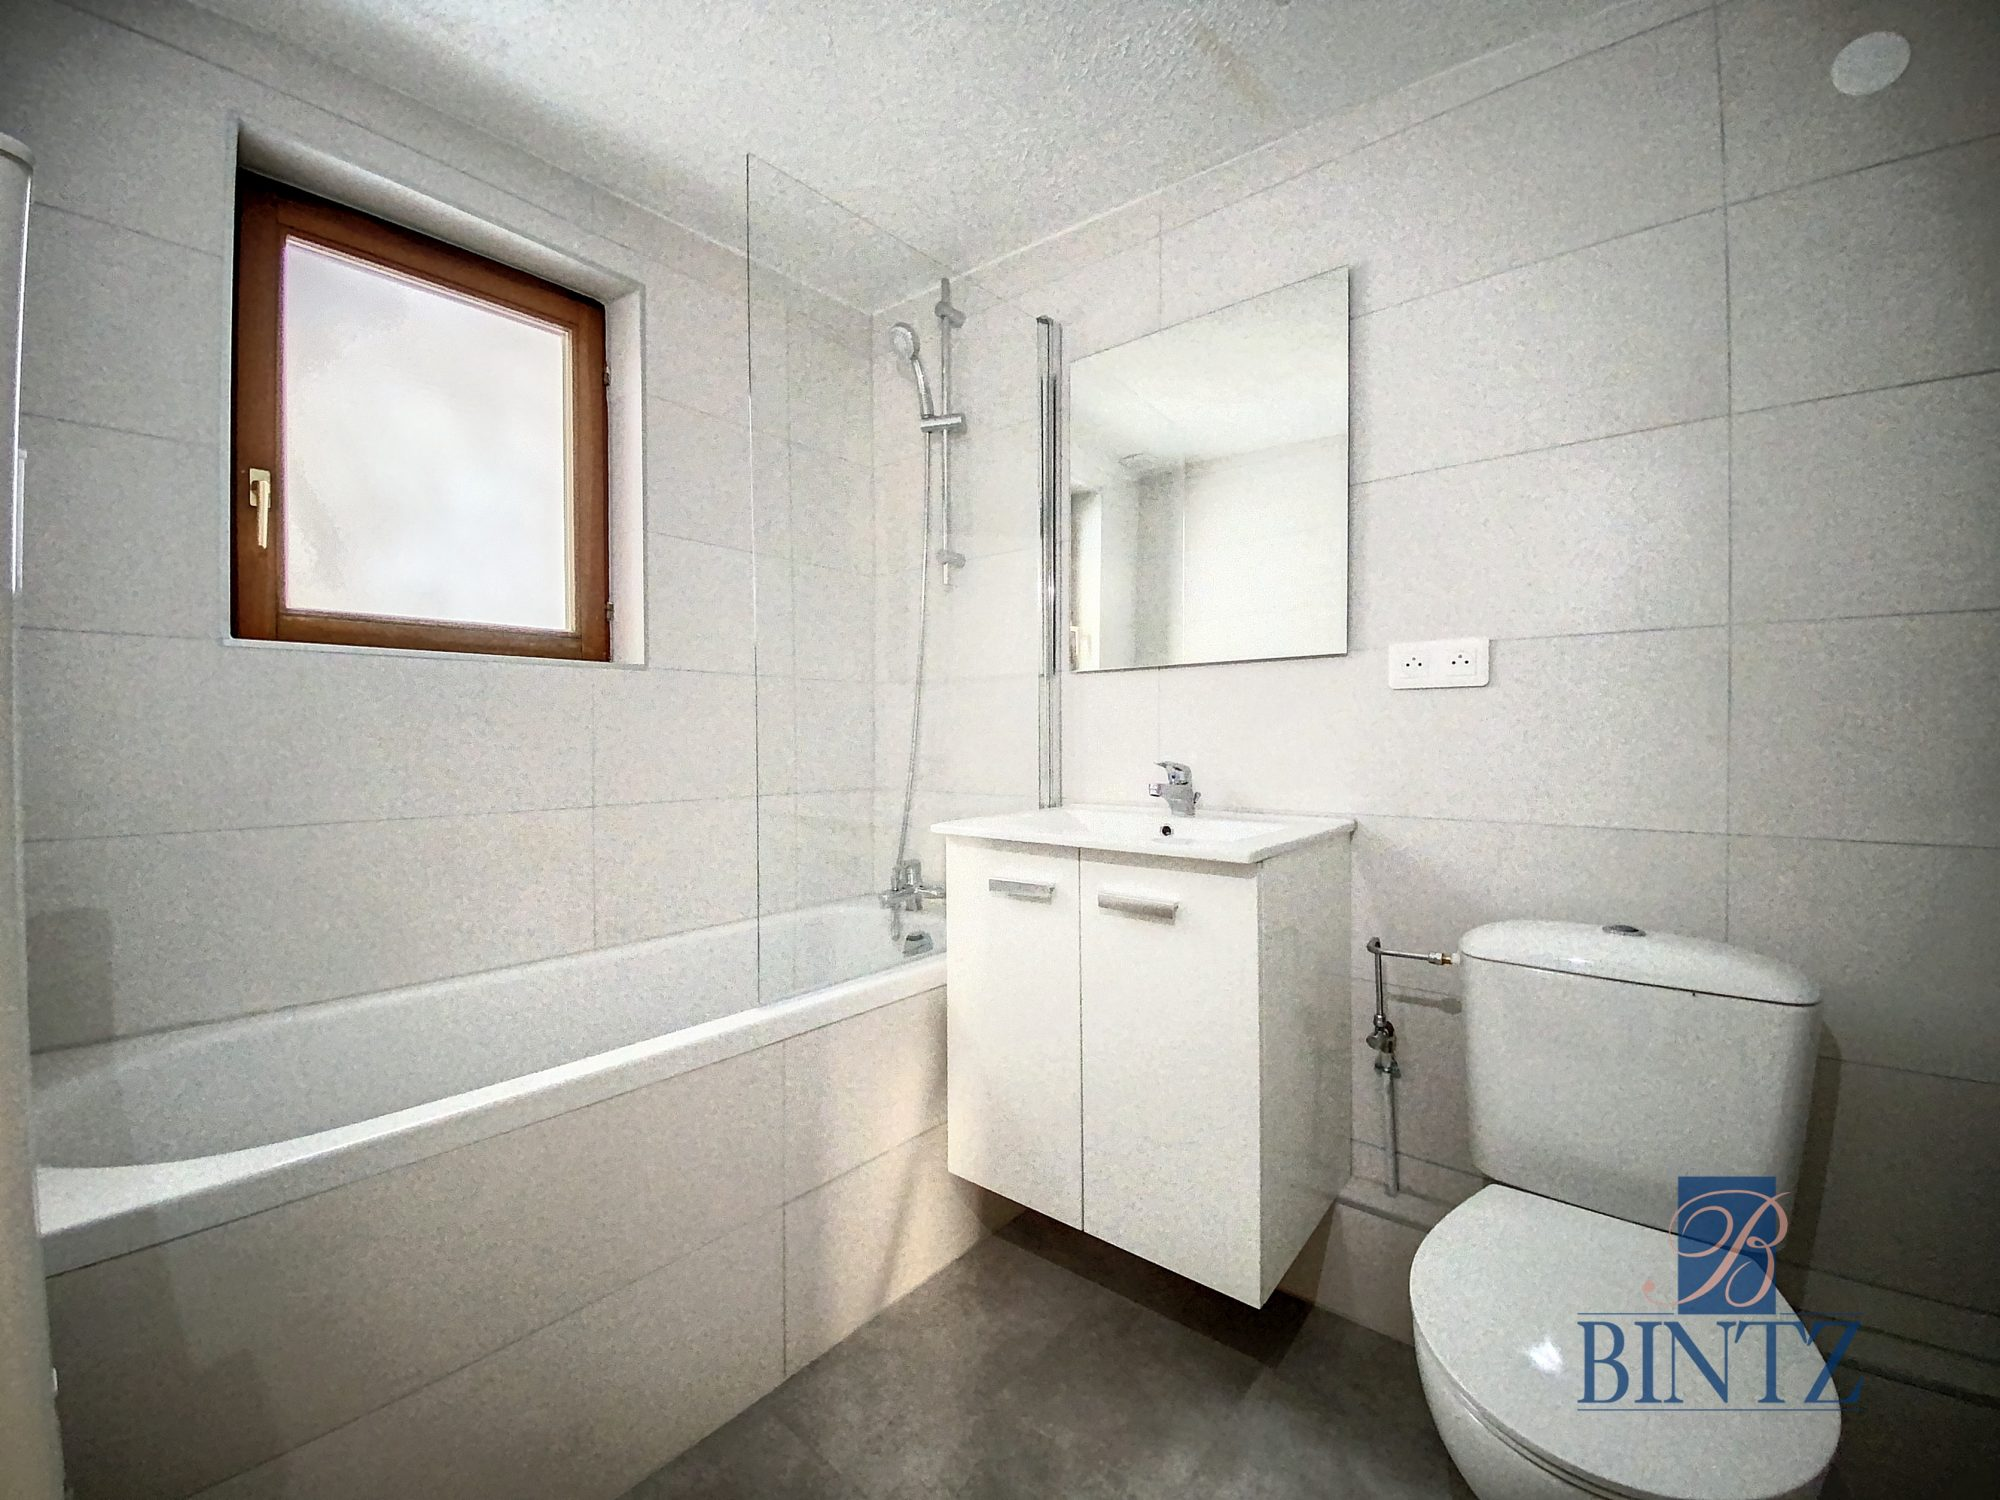 2 piècs avec Balcon au centre-ville - Devenez locataire en toute sérénité - Bintz Immobilier - 6